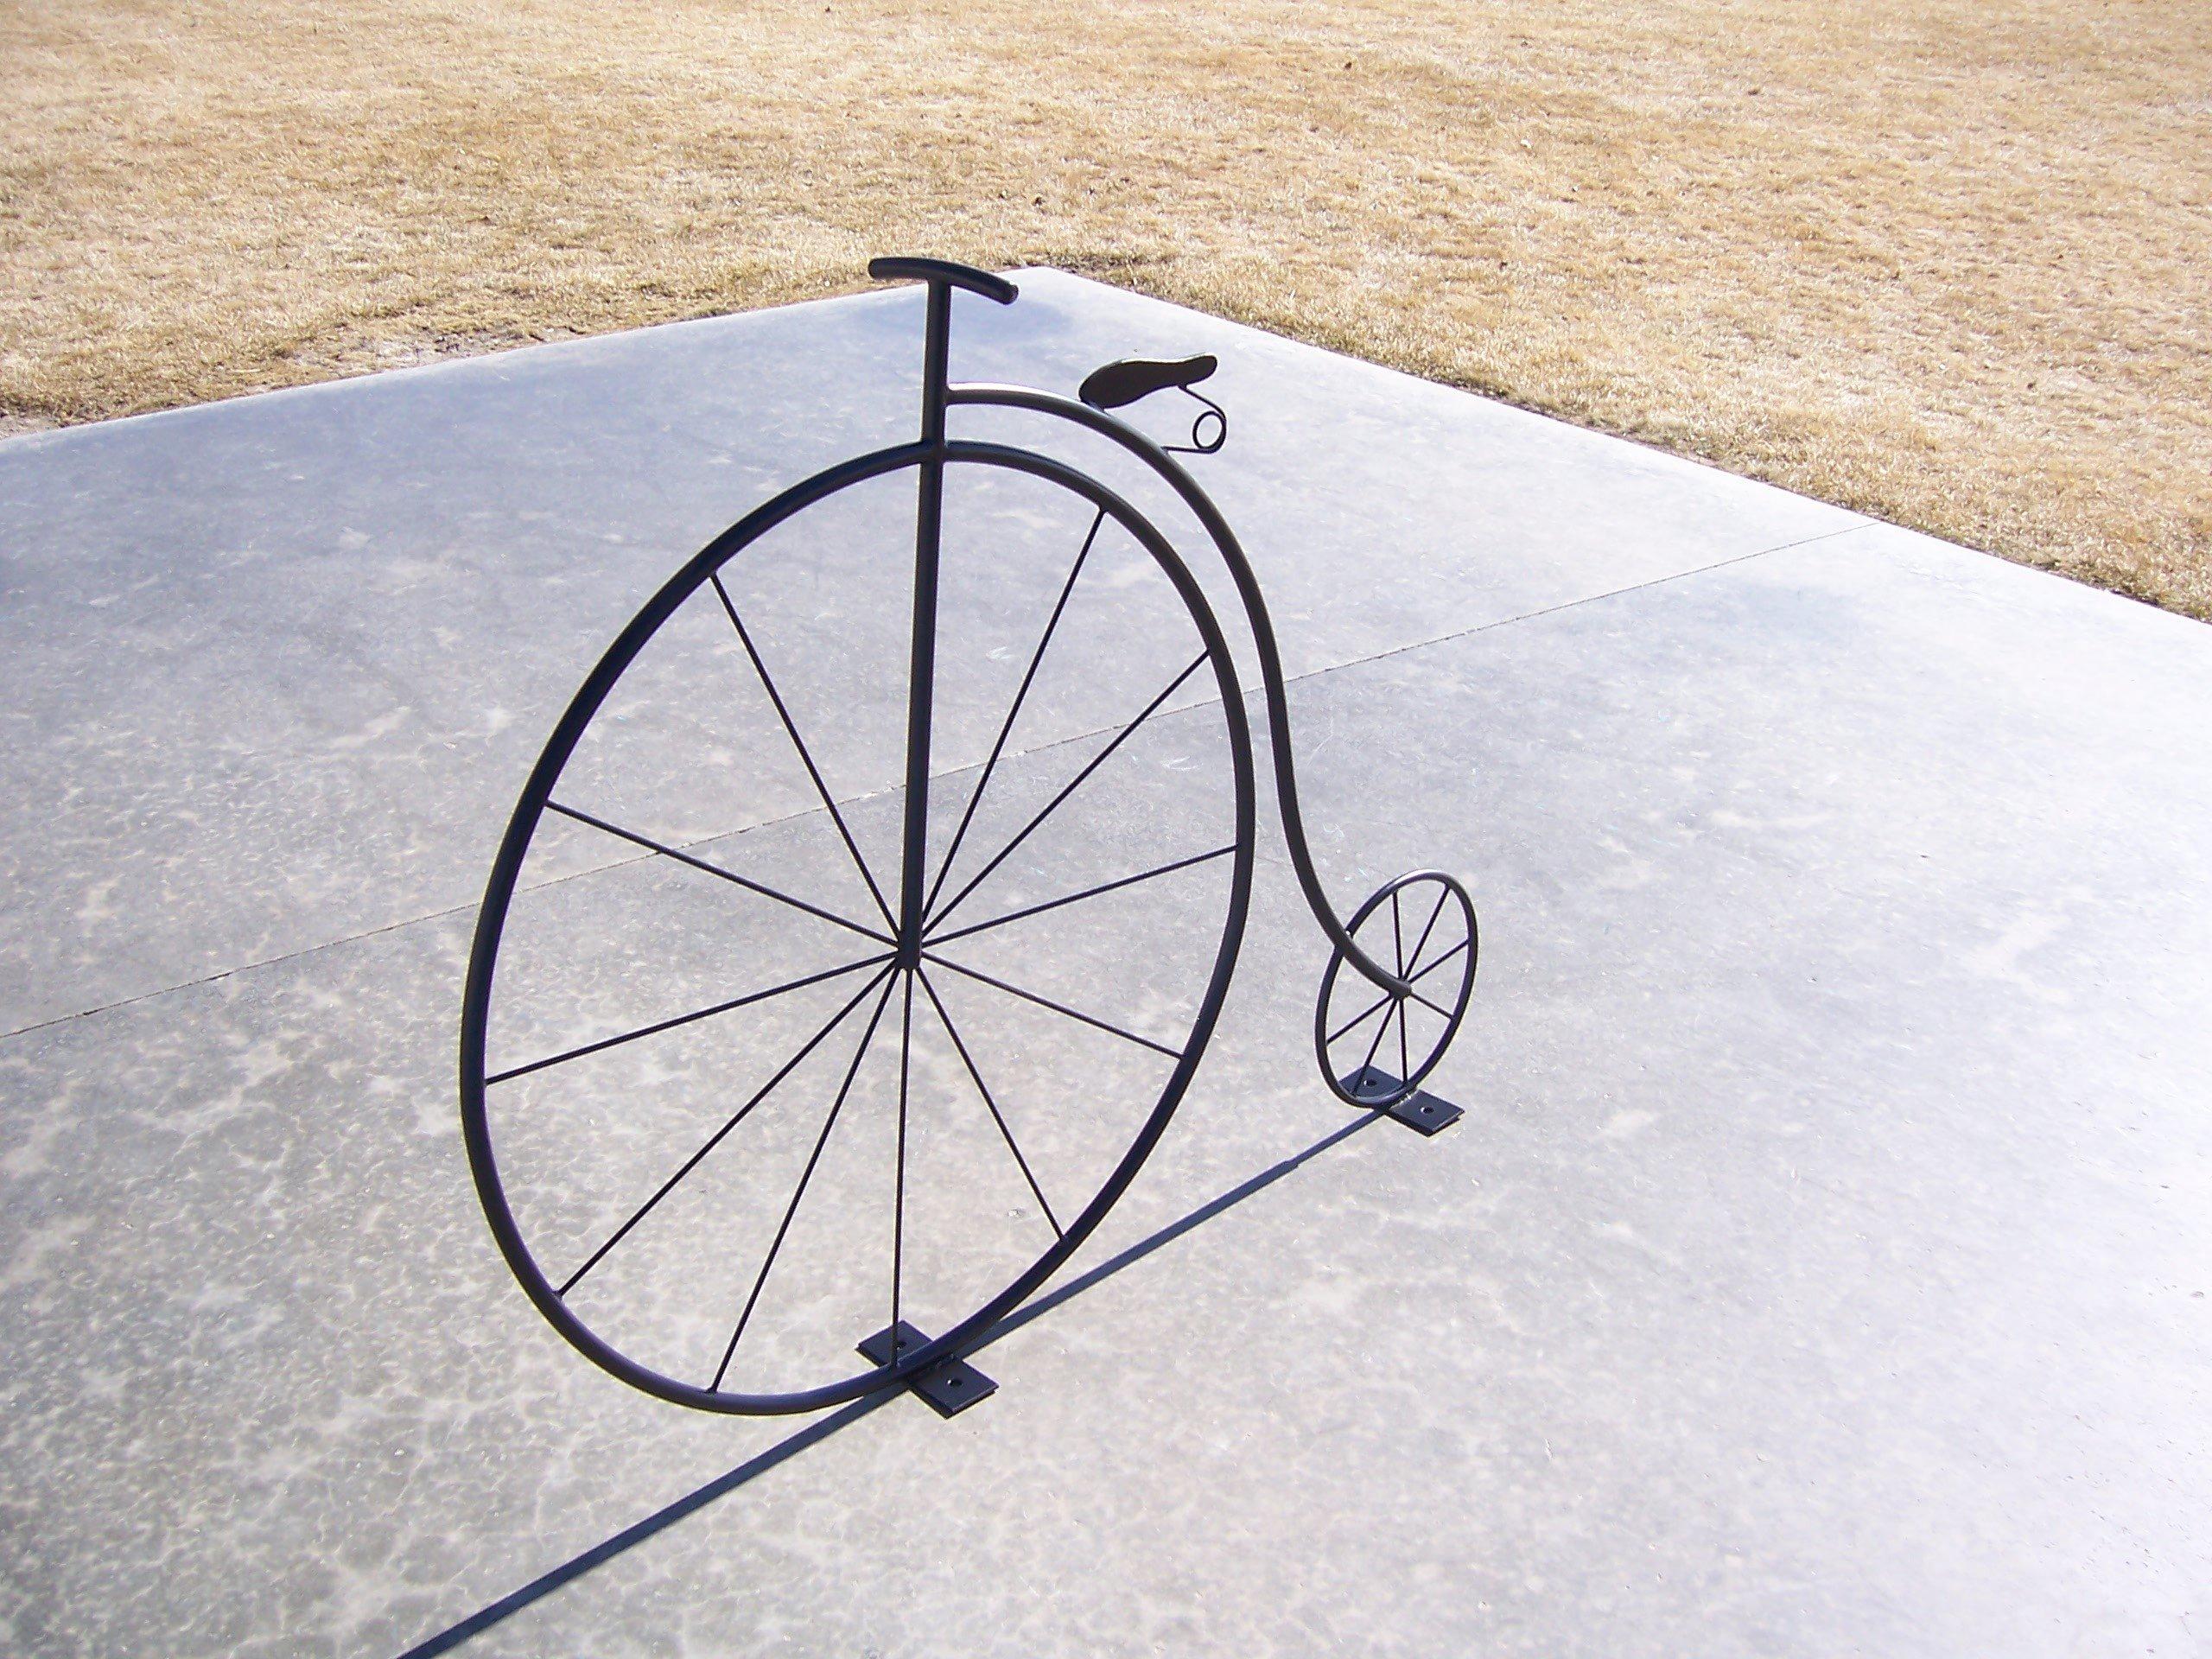 Bike Racks by PTR Welding & Fabrication, Denver, Colorado